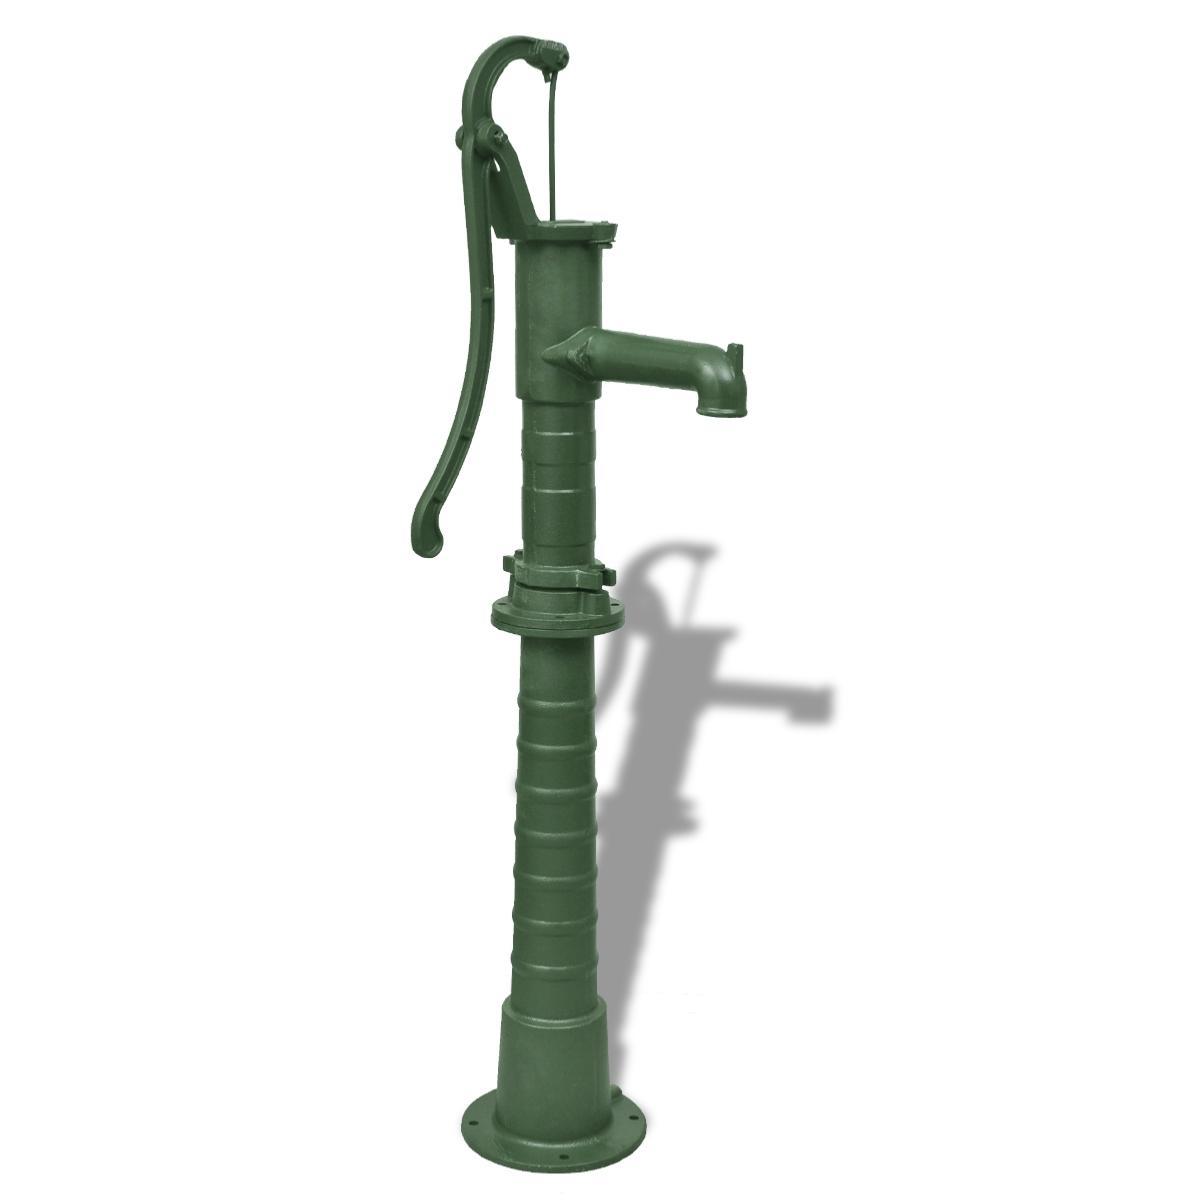 Pompe eau manuelle de jardin en fonte avec socle for Pompe eau jardin